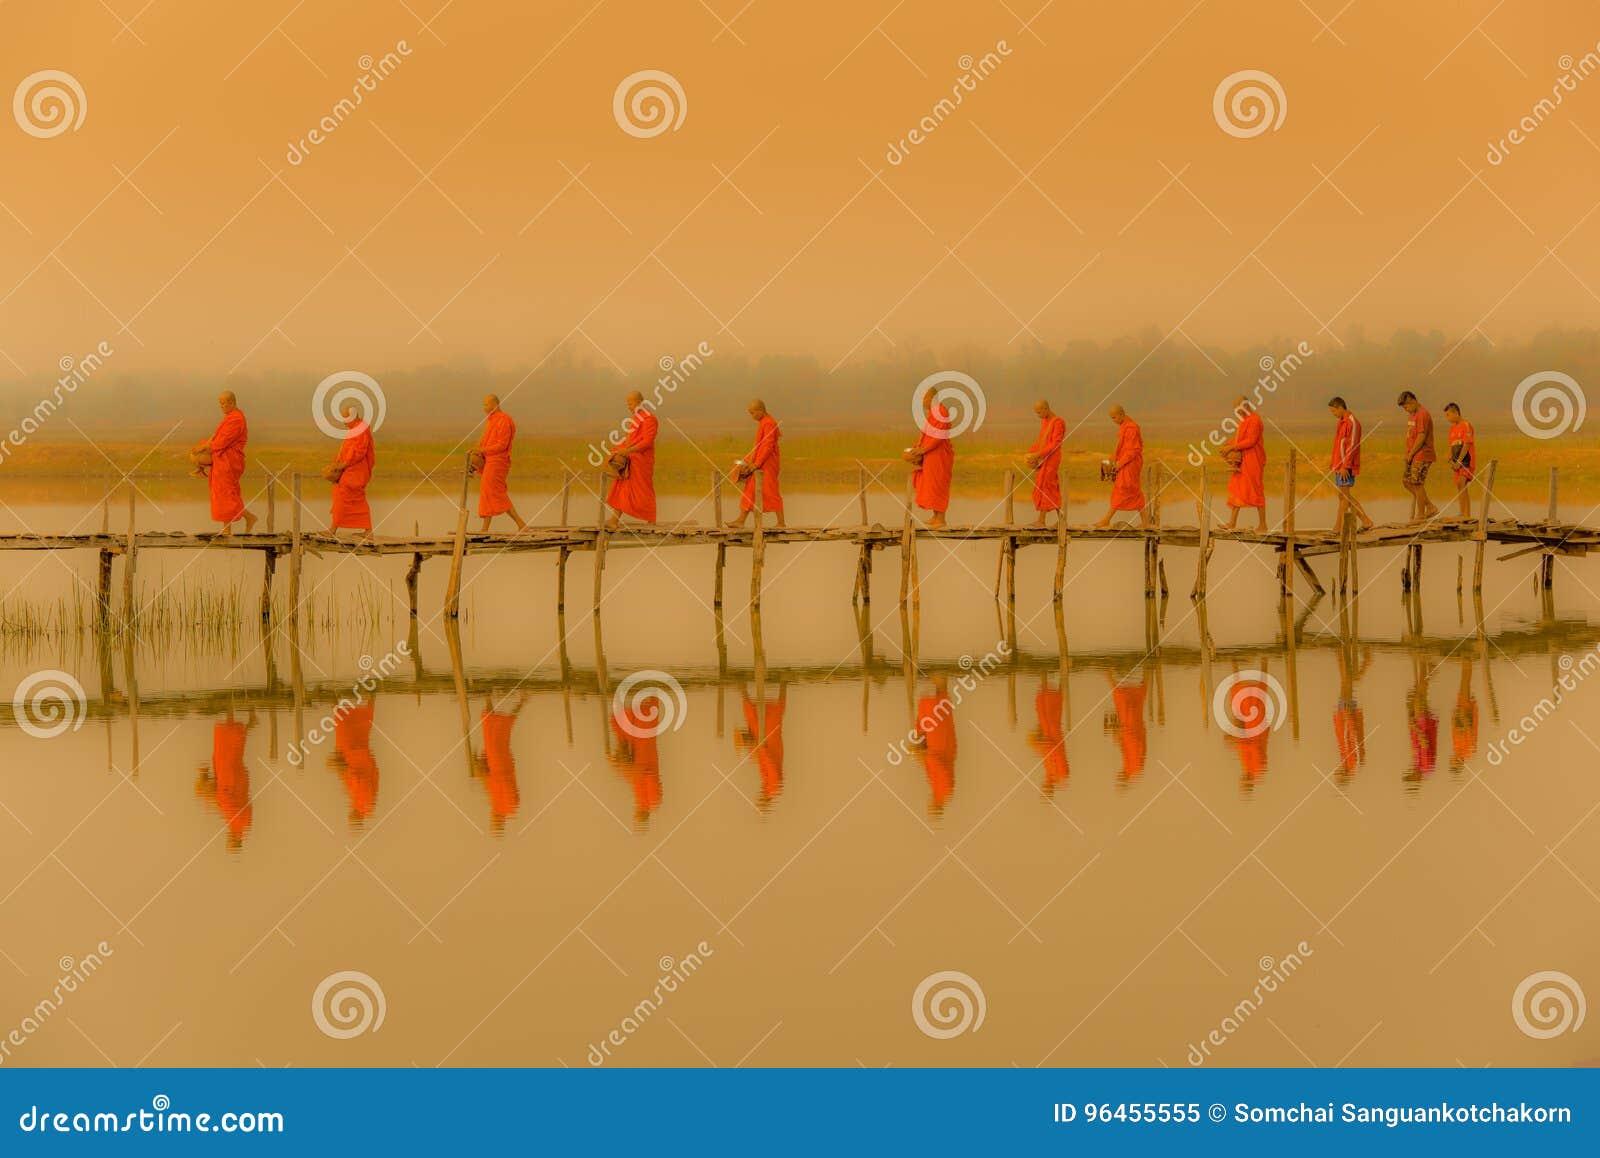 Monaci di Buddist che marciano per cercare le elemosine nella mattina con il envi fofoggy